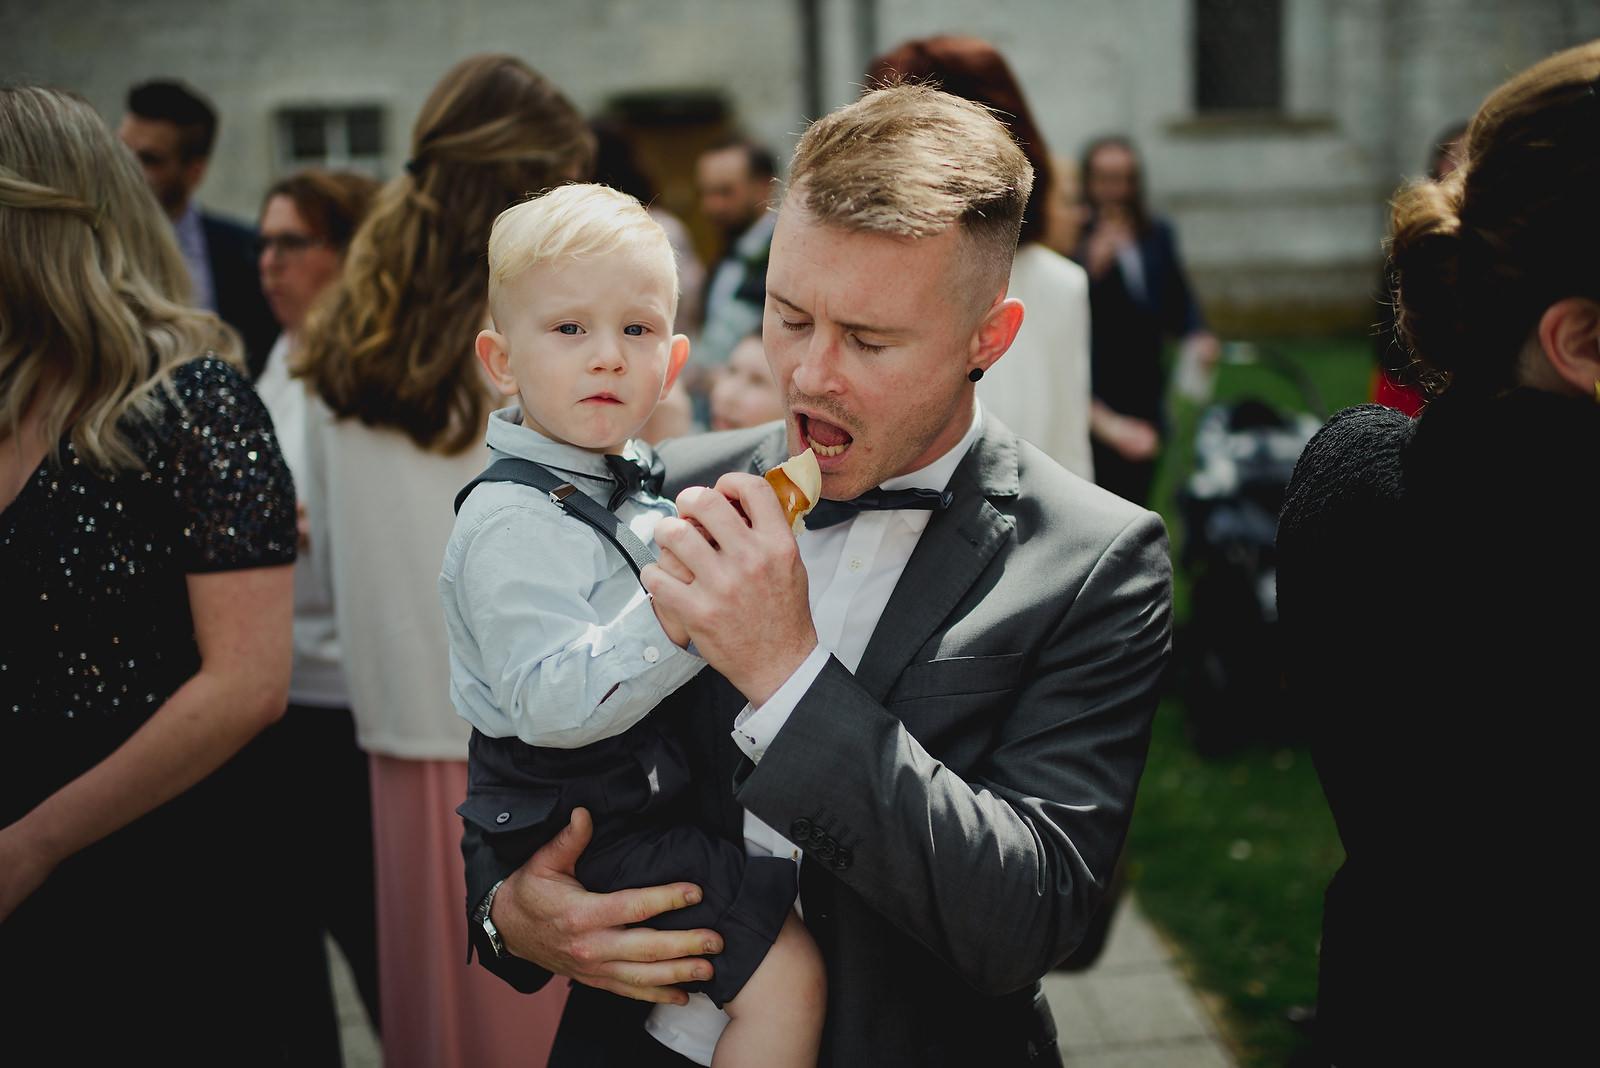 Referenz_Hochzeit_Kollektiv_EIS-30.JPG